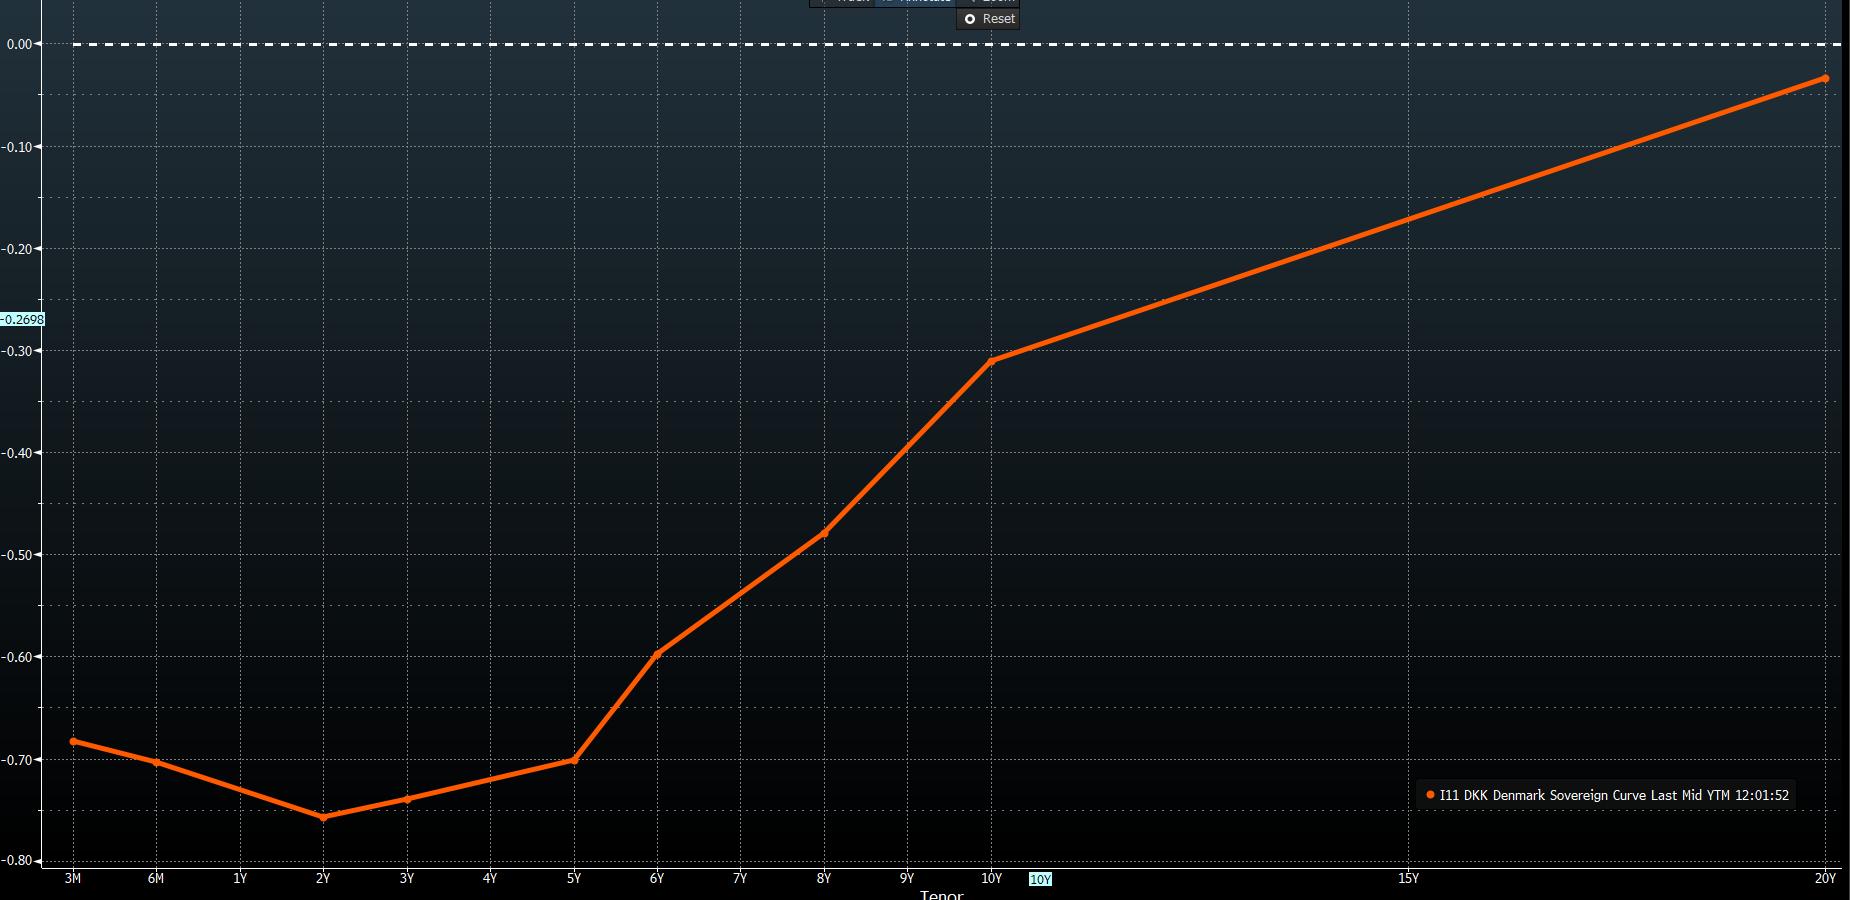 Denmark's sovereign curve last mid YTM